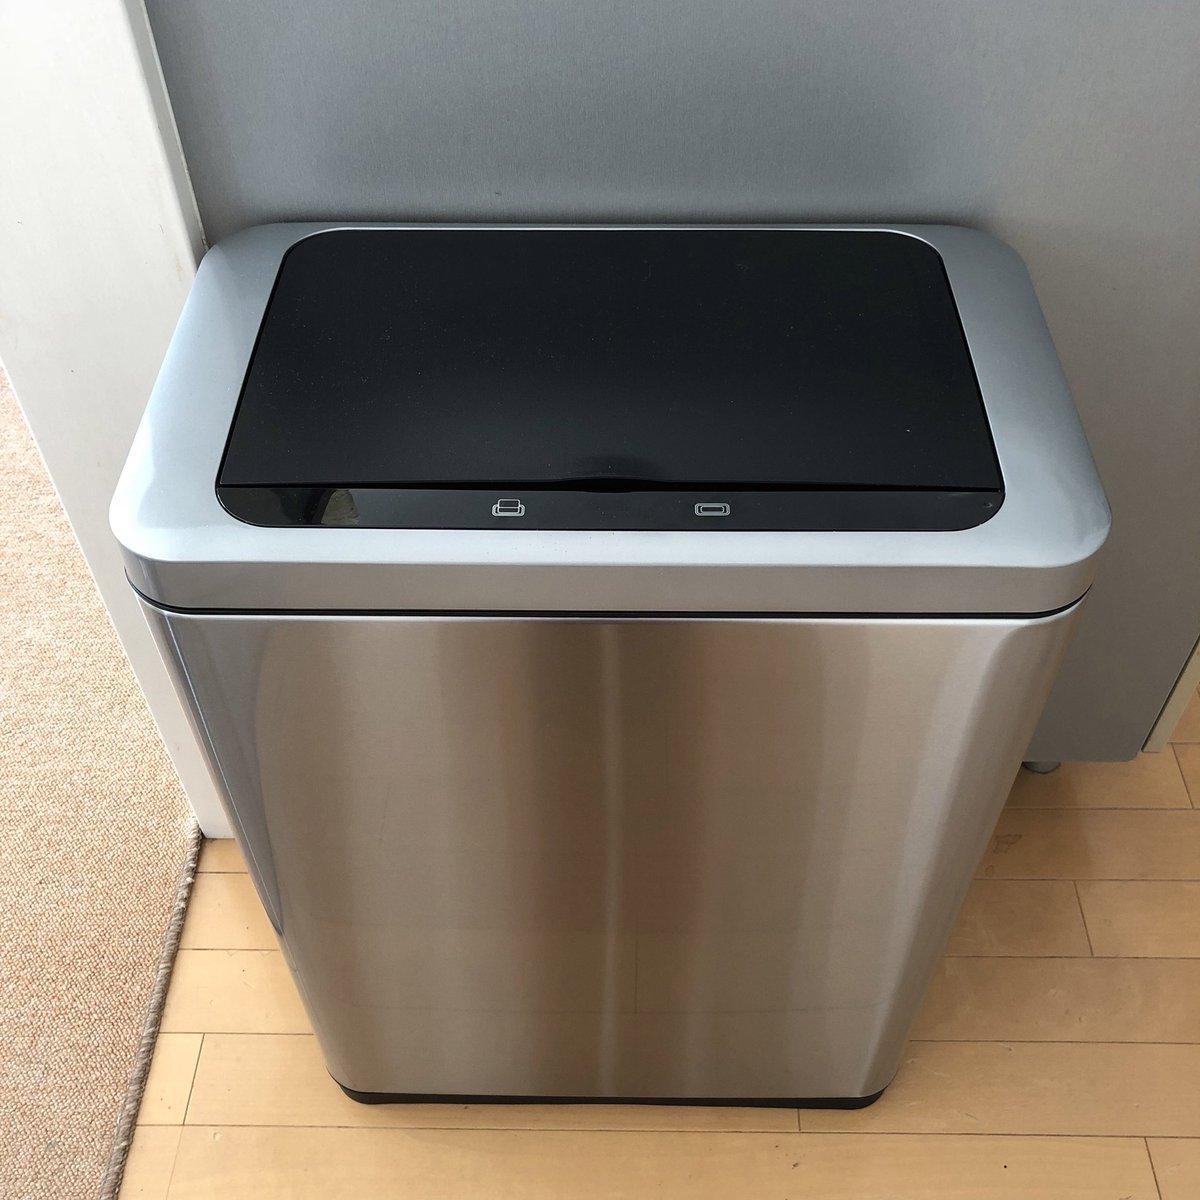 ゴミ箱 コストコ センサー